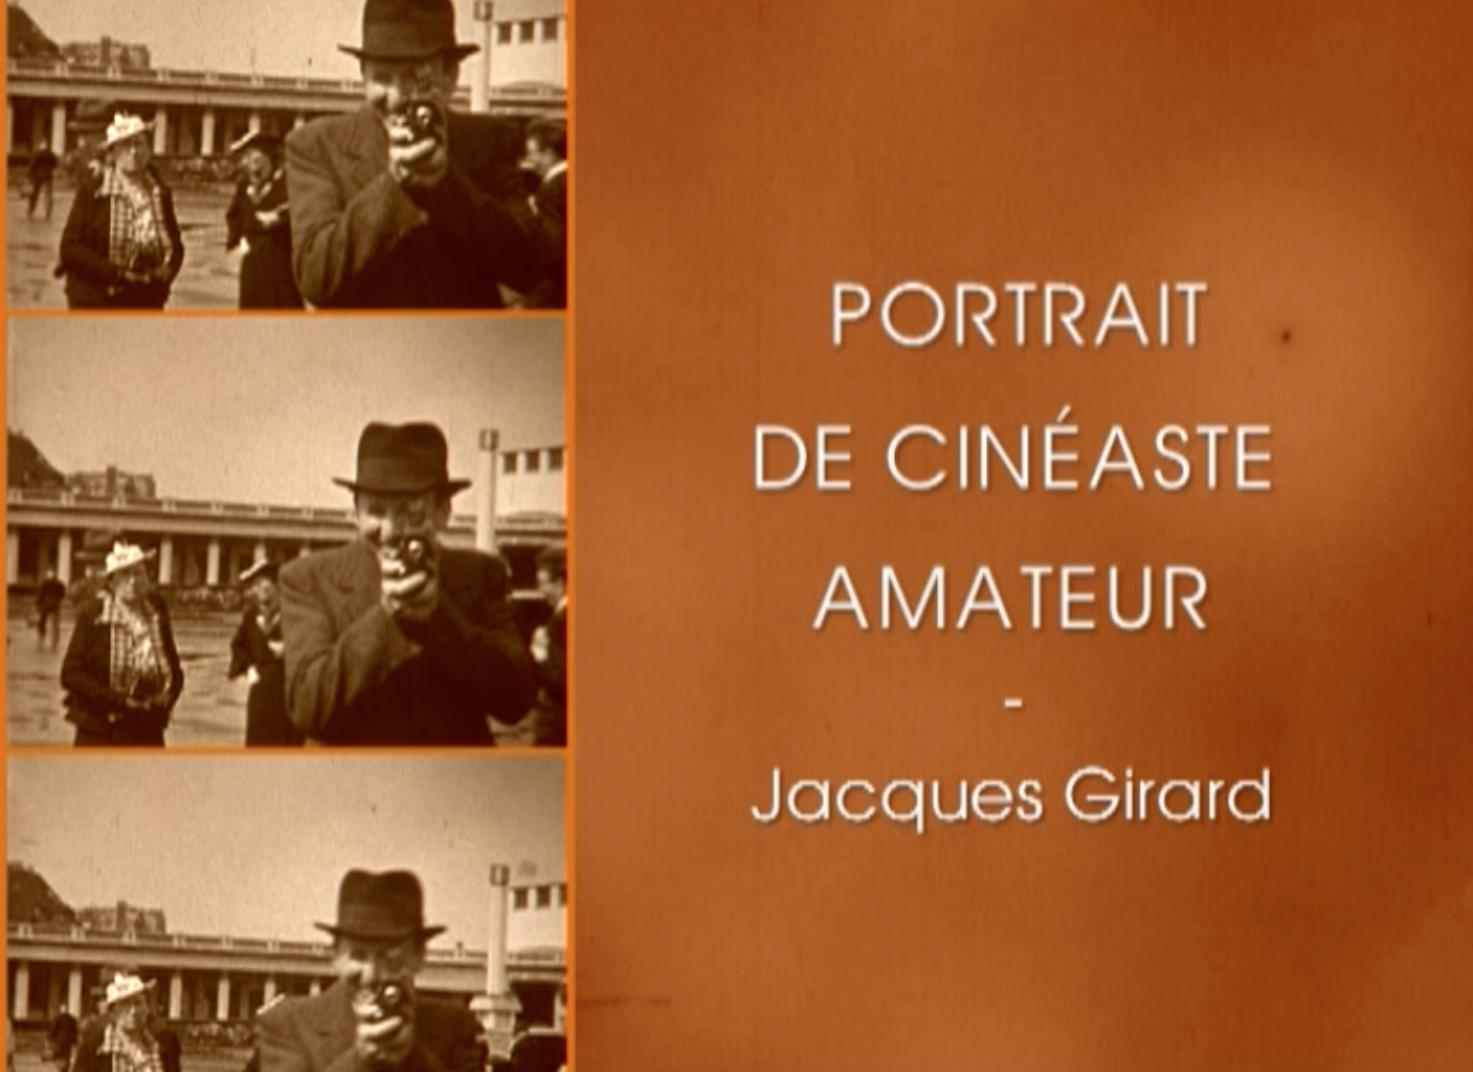 Portraits de Cinéastes Amateurs : Jacques Girard